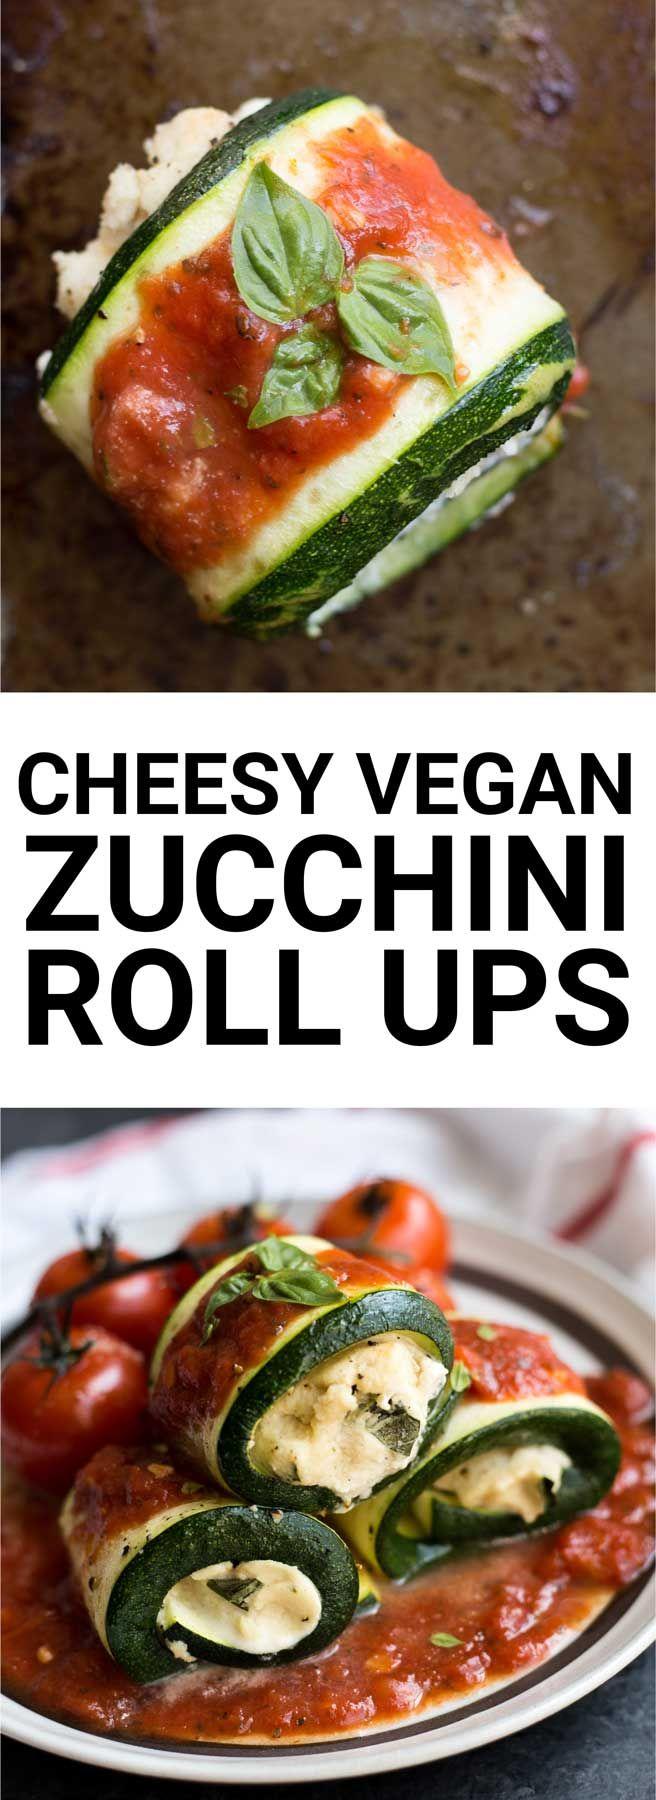 Cheesy Vegan Zucchini Roll Ups Fooduzzi Recipe Vegan Dinner Recipes Recipes Zucchini Rolls